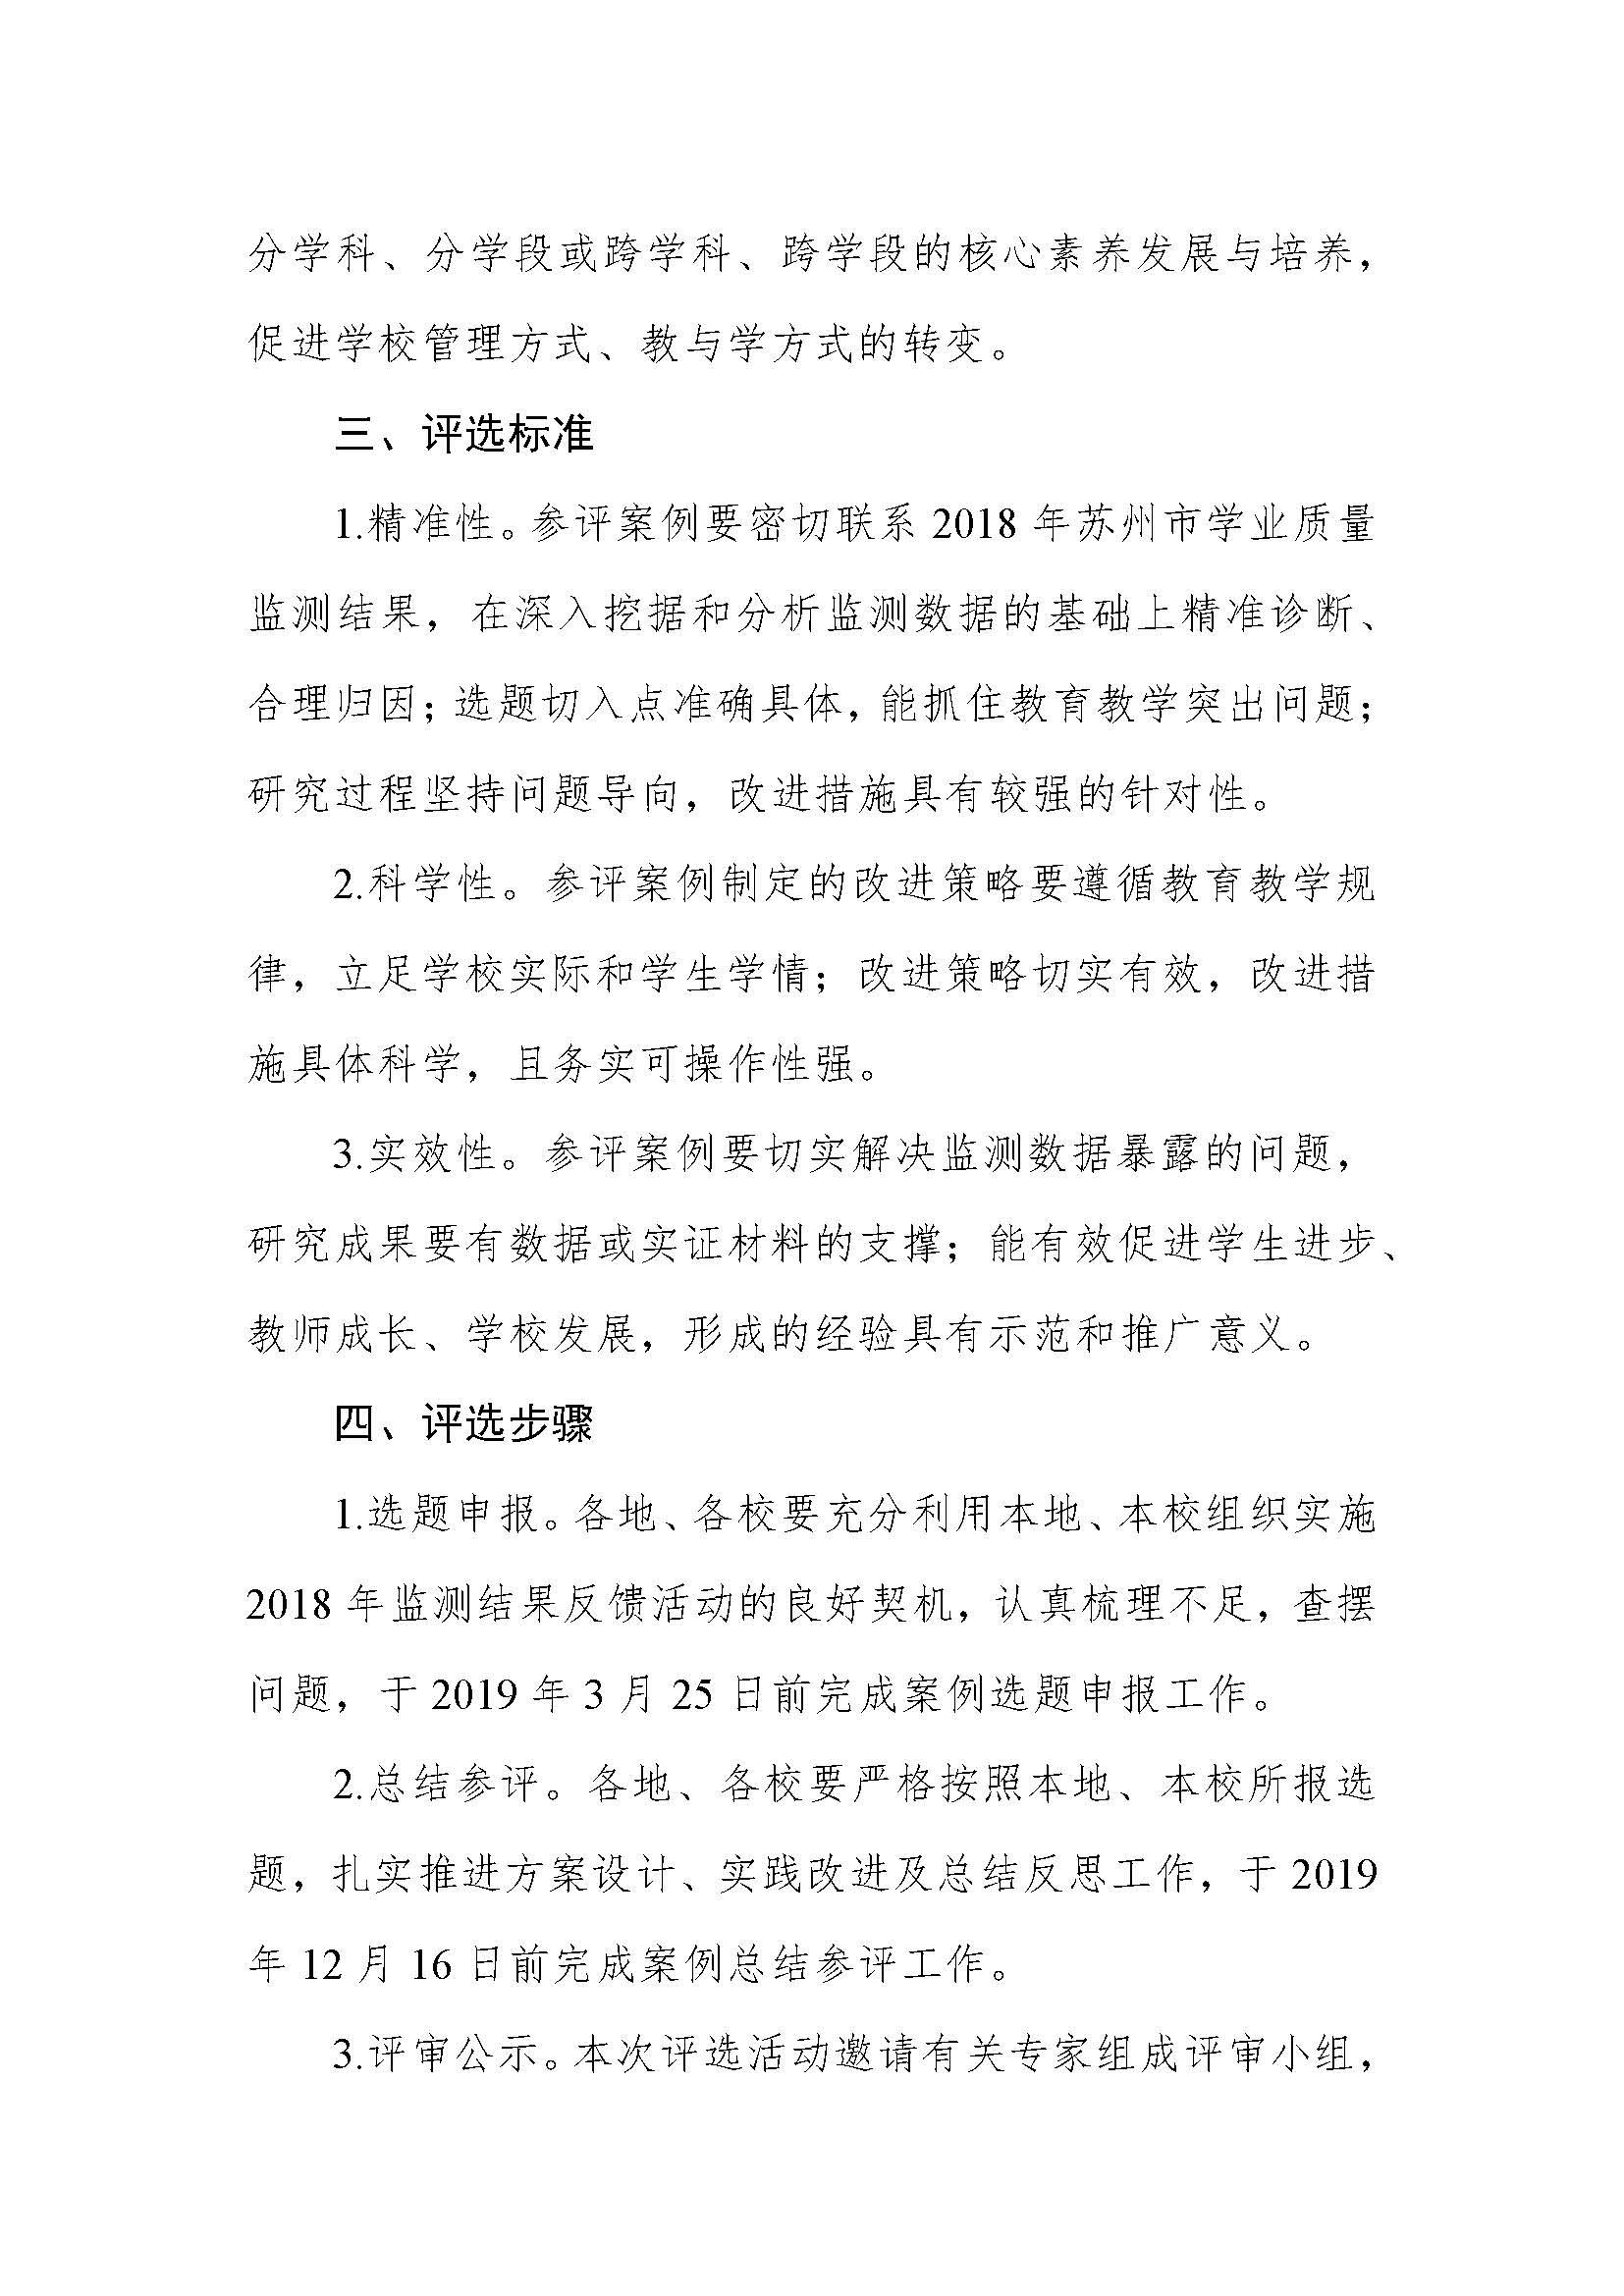 苏教质监-2019-3号-申报监测案例通知_页面_2